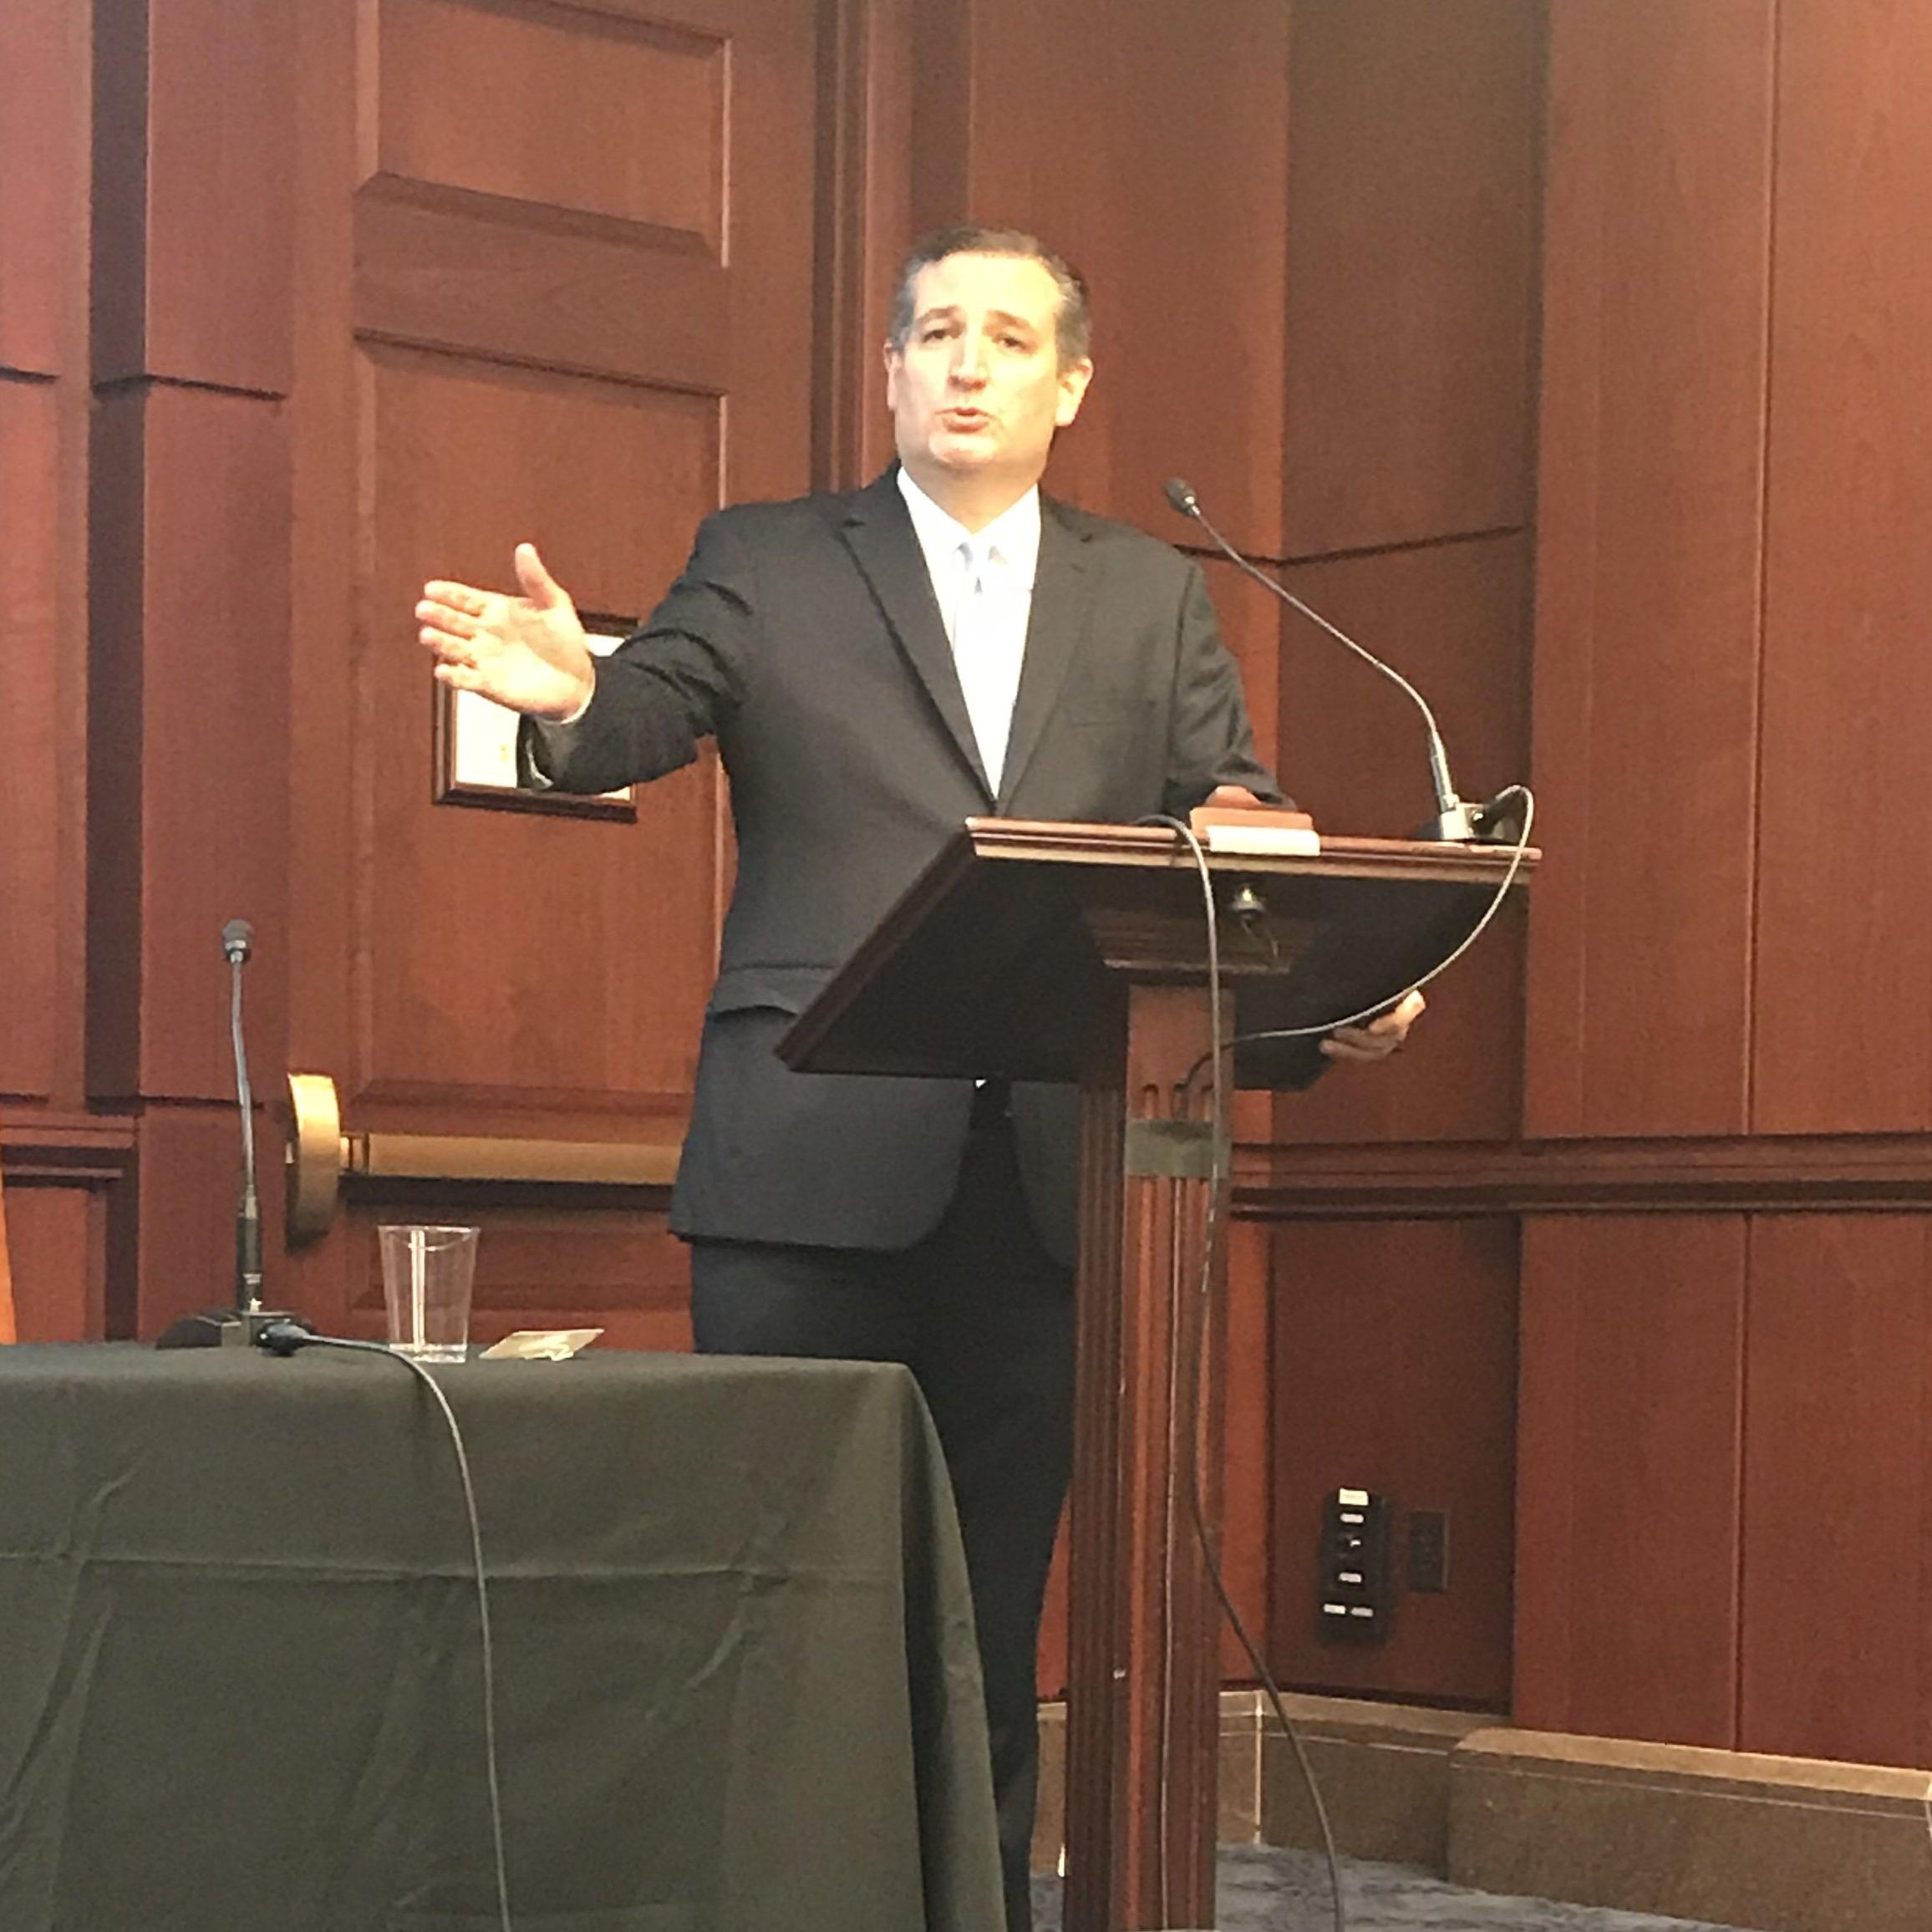 Senator Ted Cruz for Texas